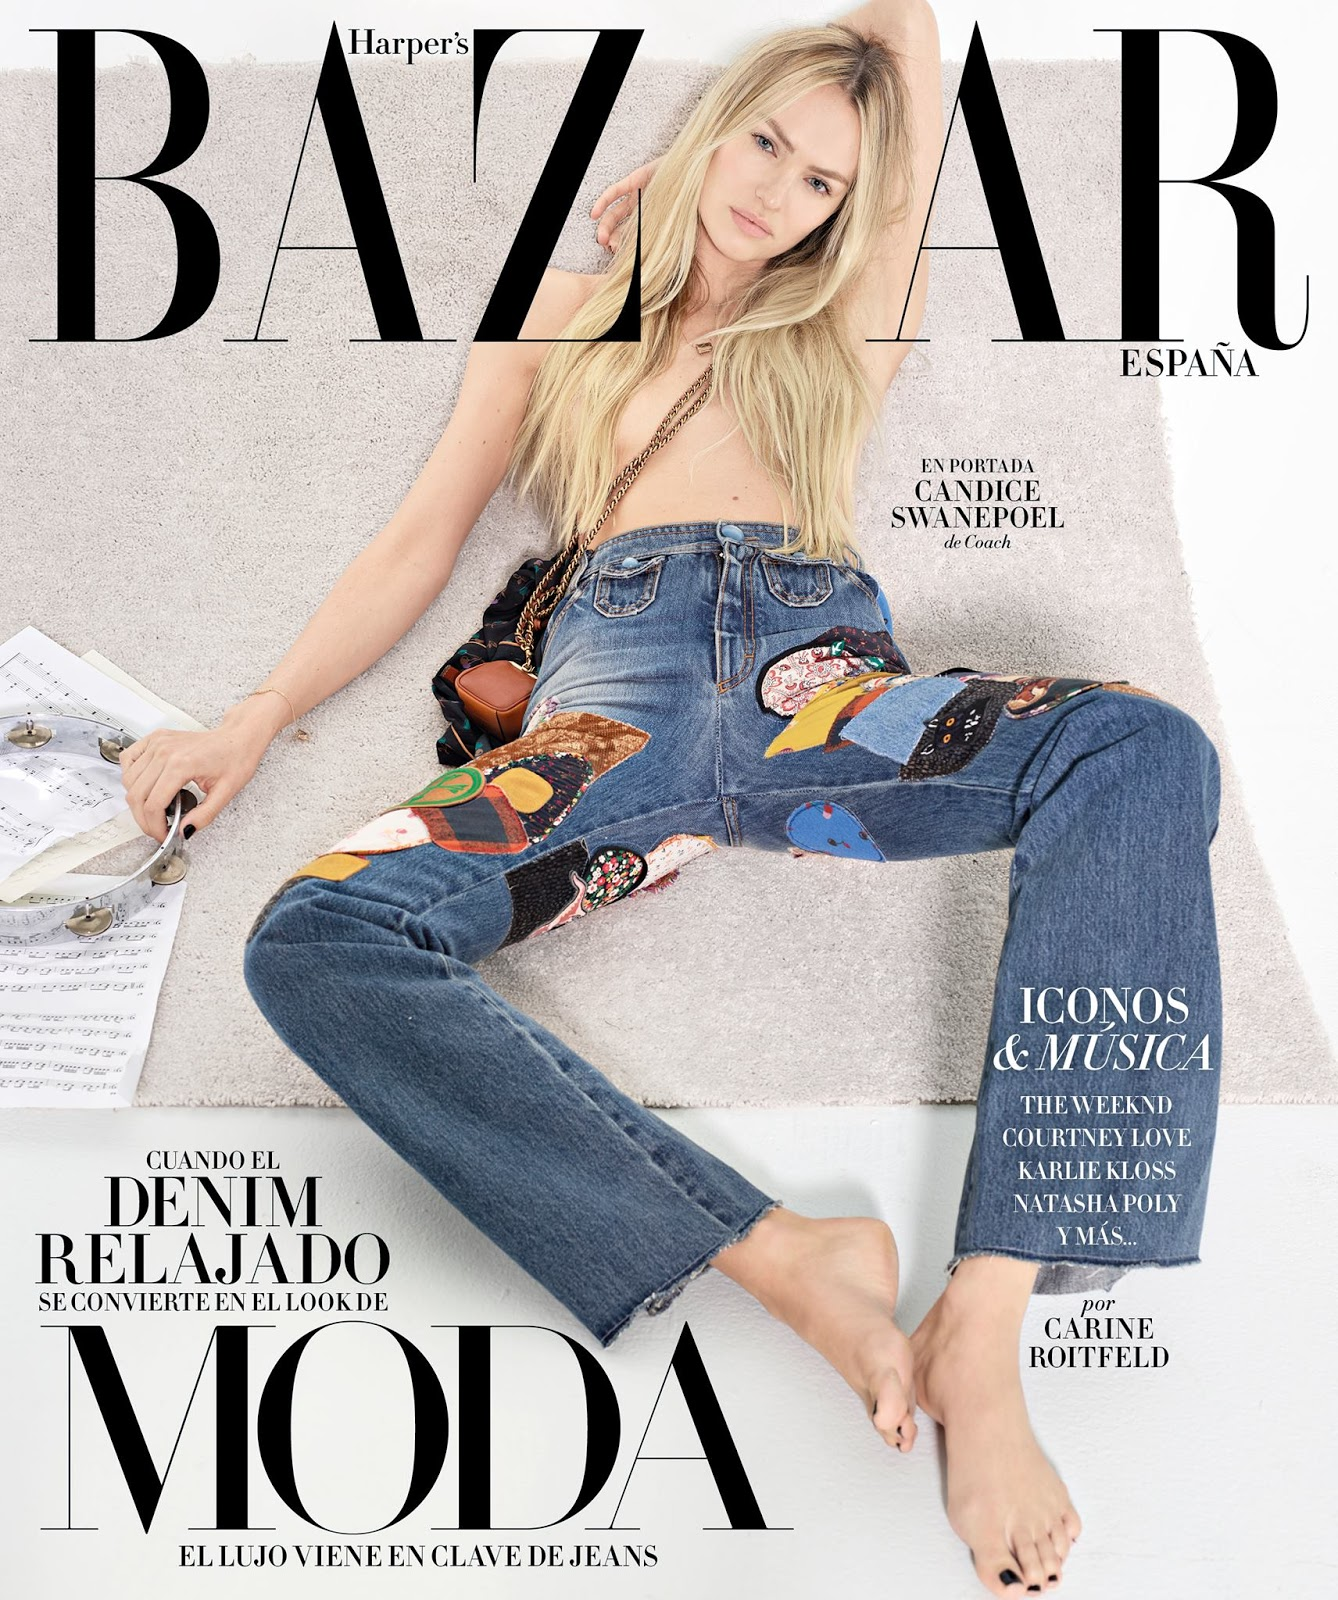 Harpers Bazaar September 2017 Spain.jpg